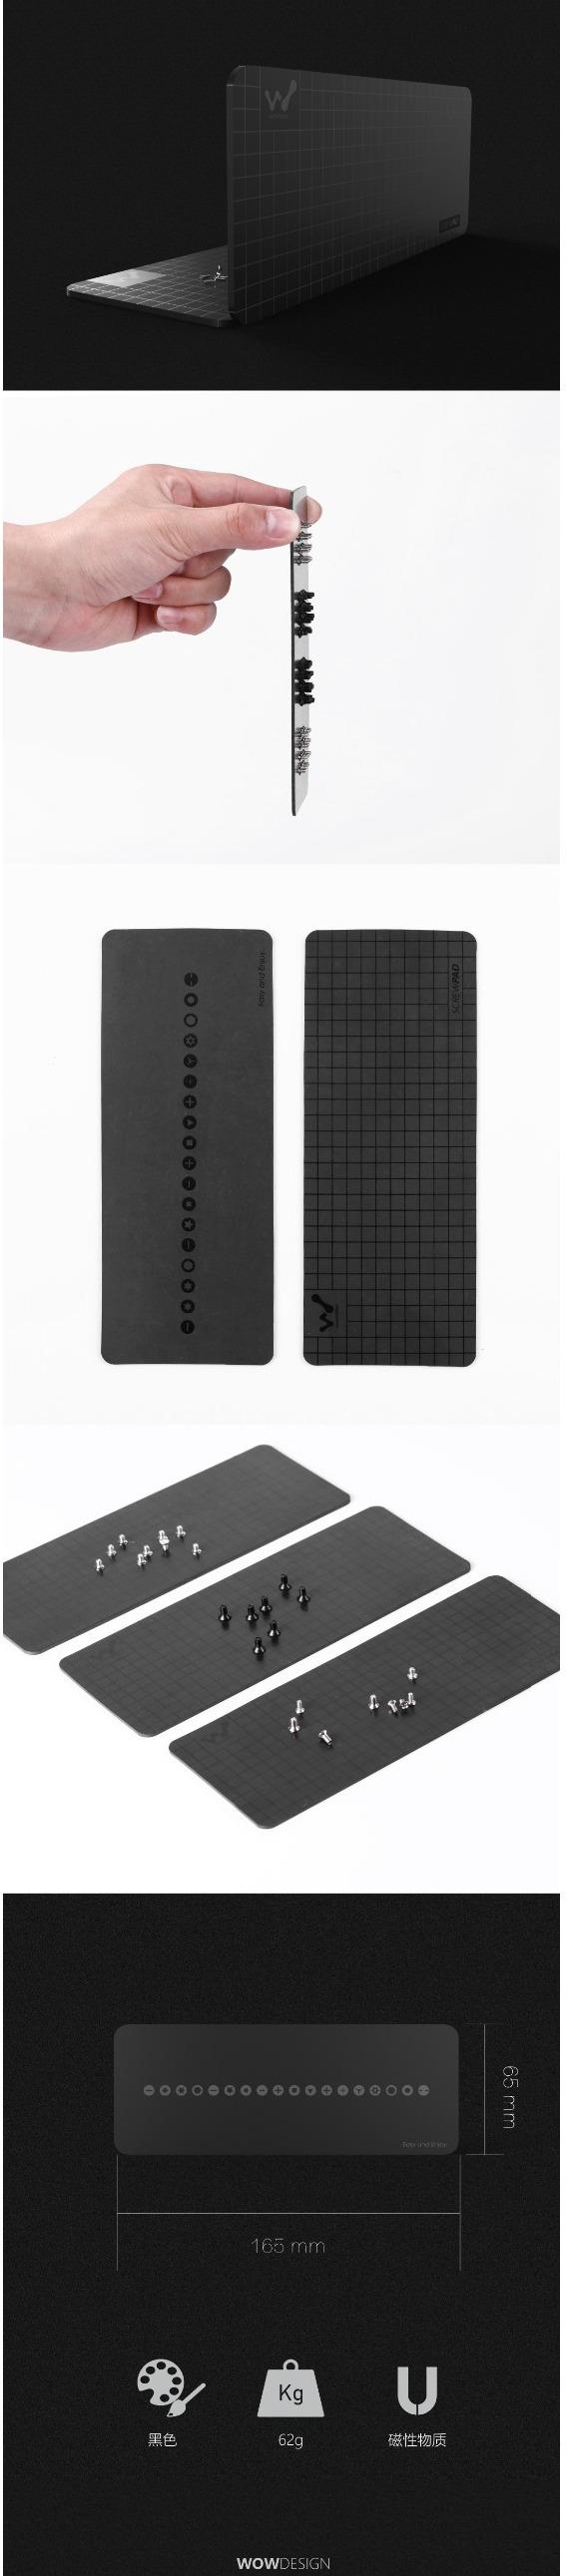 Xiaomi Wowpad - elastyczna podkładka magnetyczna na którą możemy odkładać wkręty i śrubki w trakcie prowadzenia prac serwisowych.